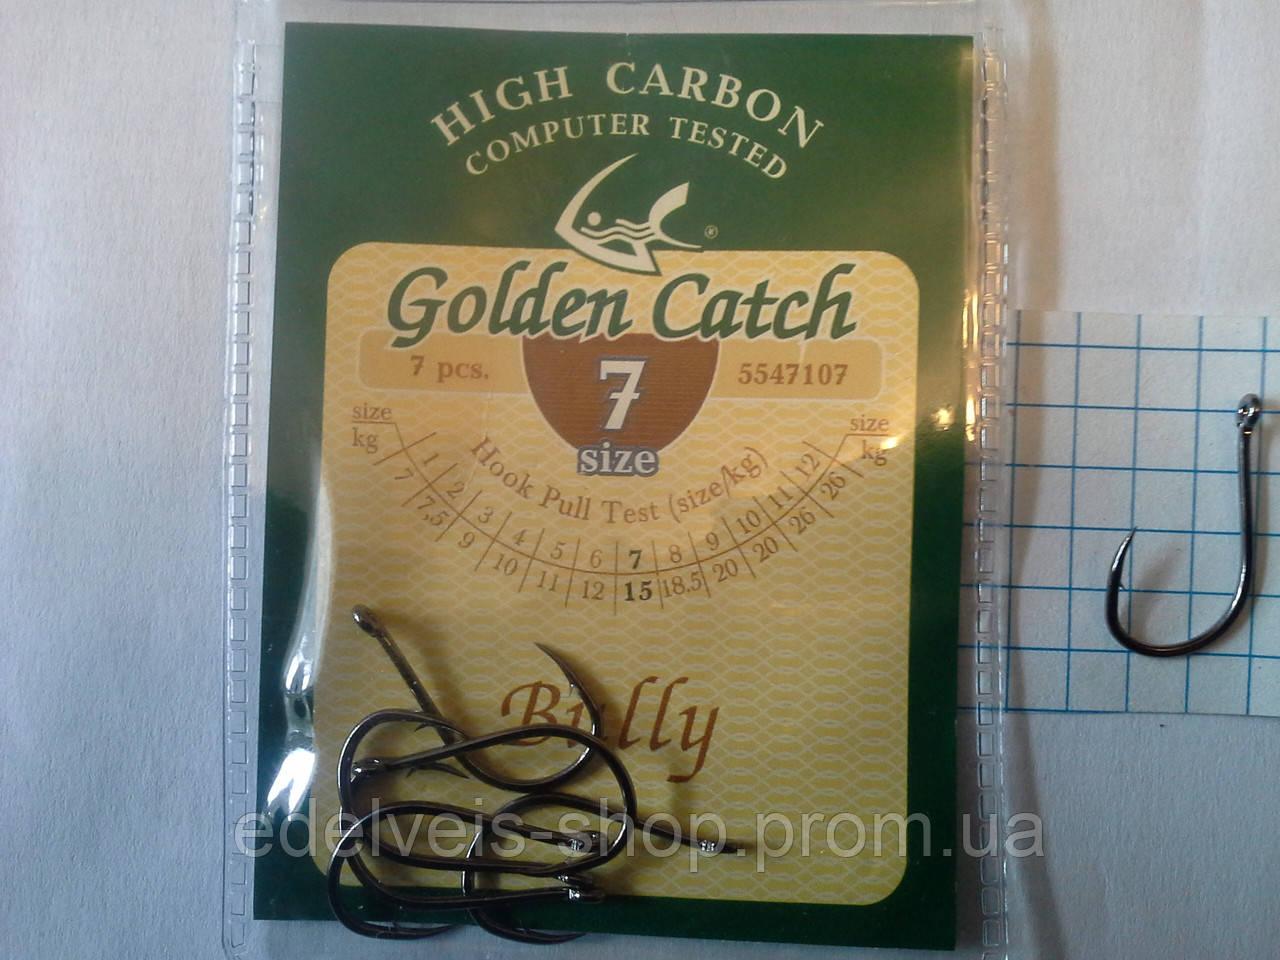 Крючки  рыболовные Golden Catch  BULLY  7